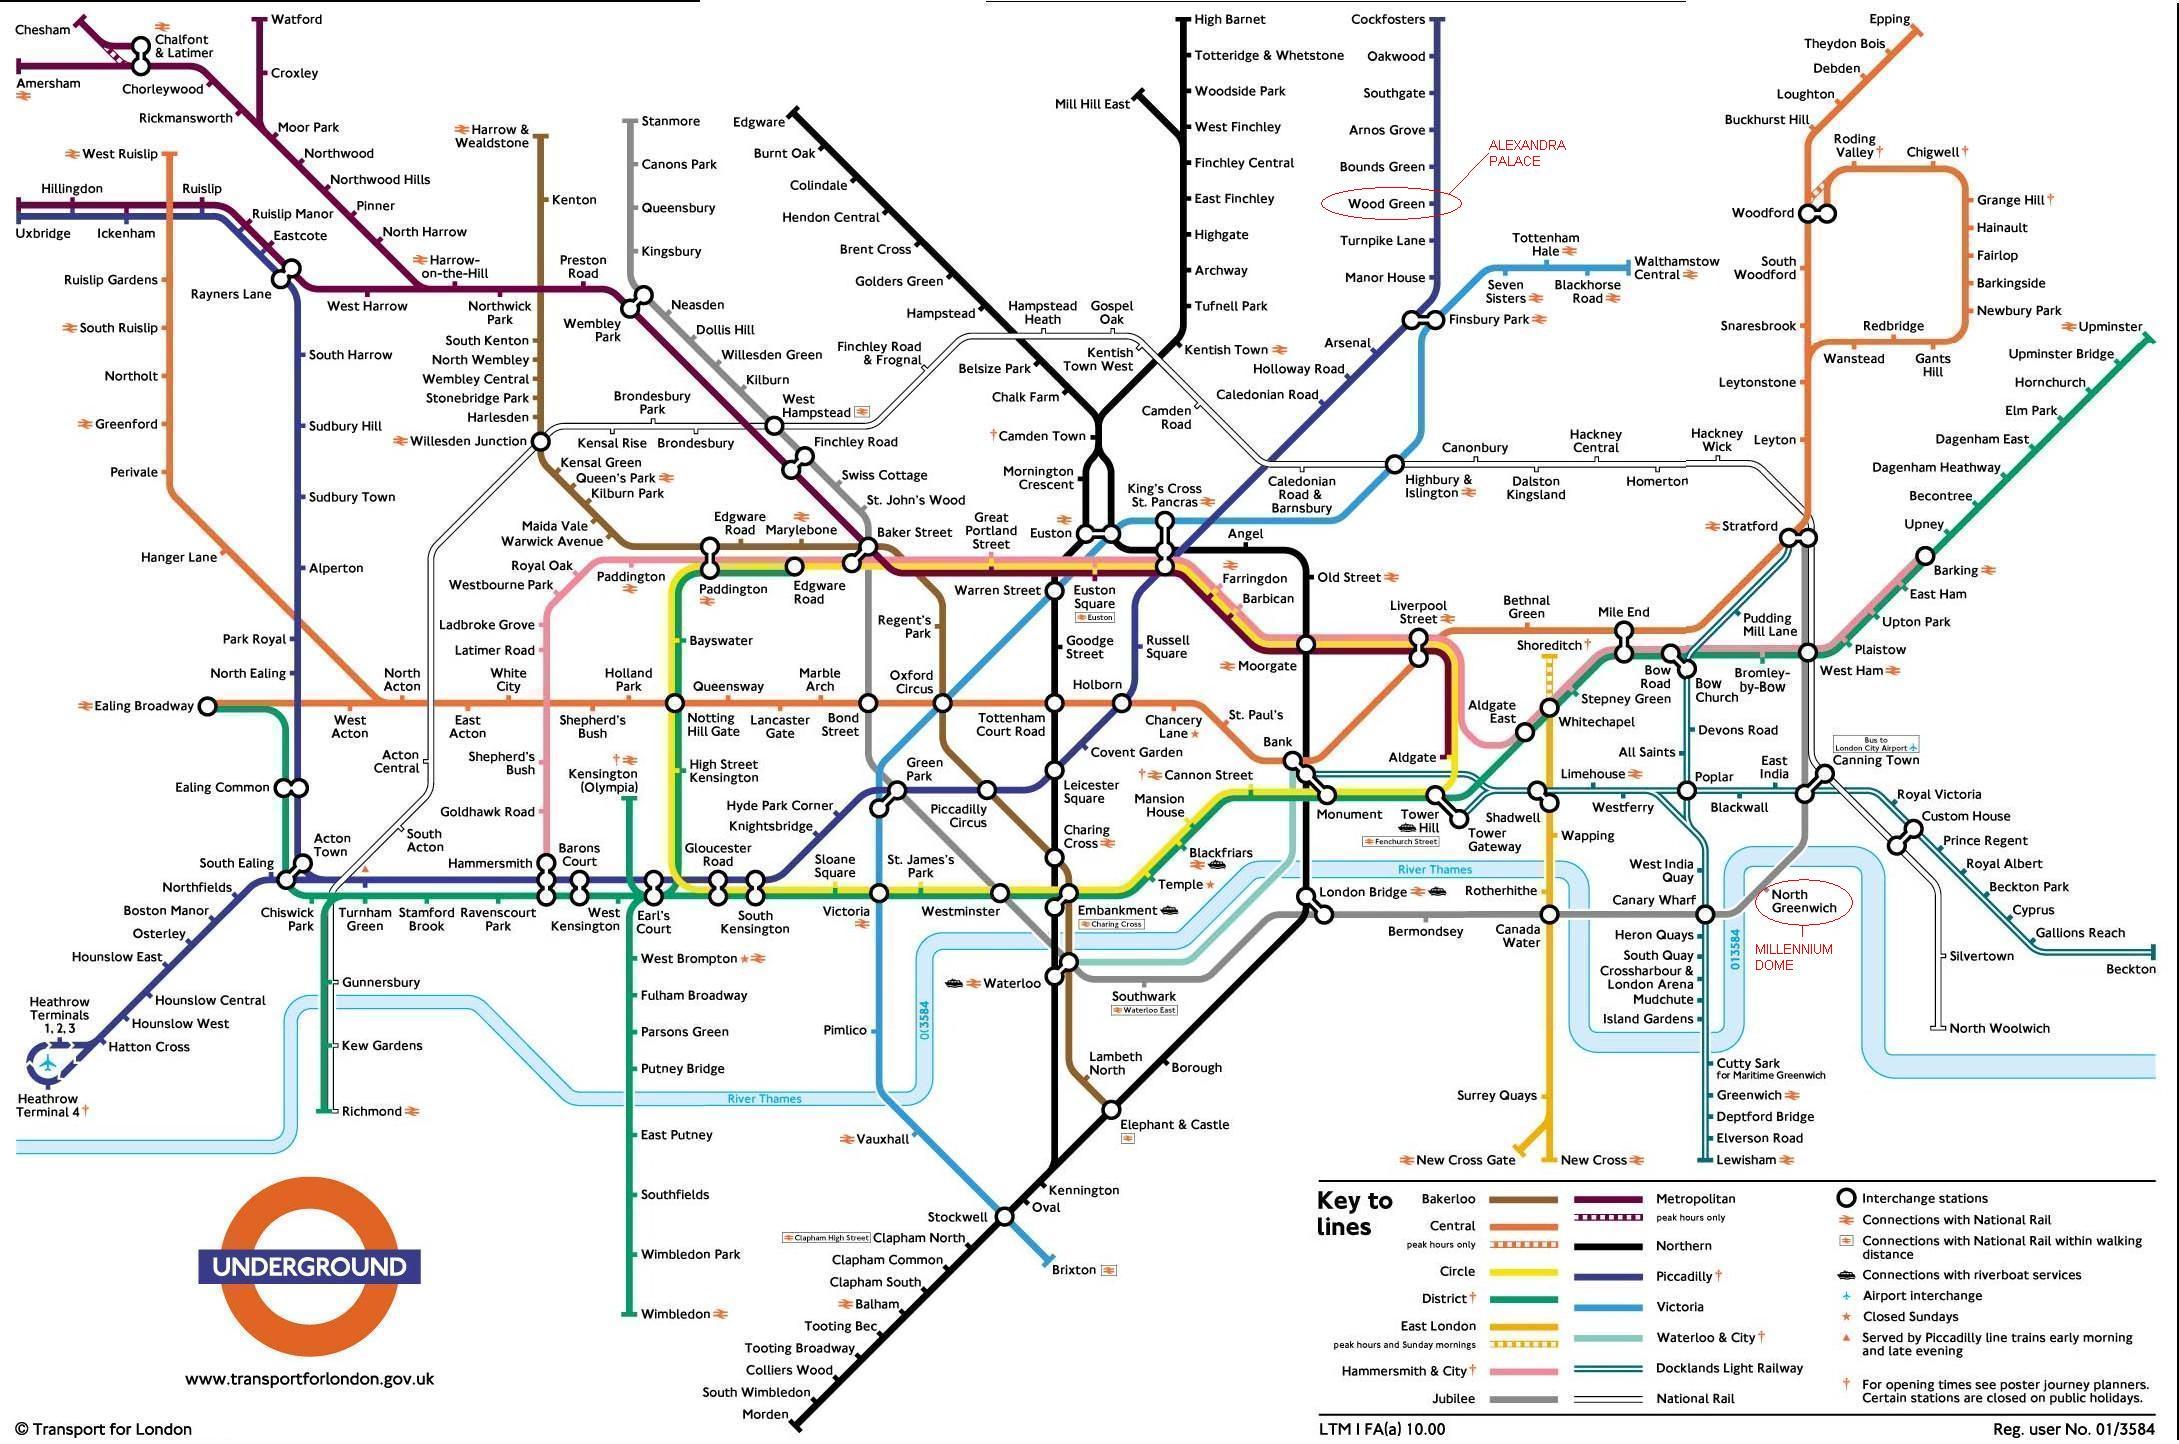 linha de metro em londres mapa Underground : Mapa do metrô de Londres , Inglaterra linha de metro em londres mapa